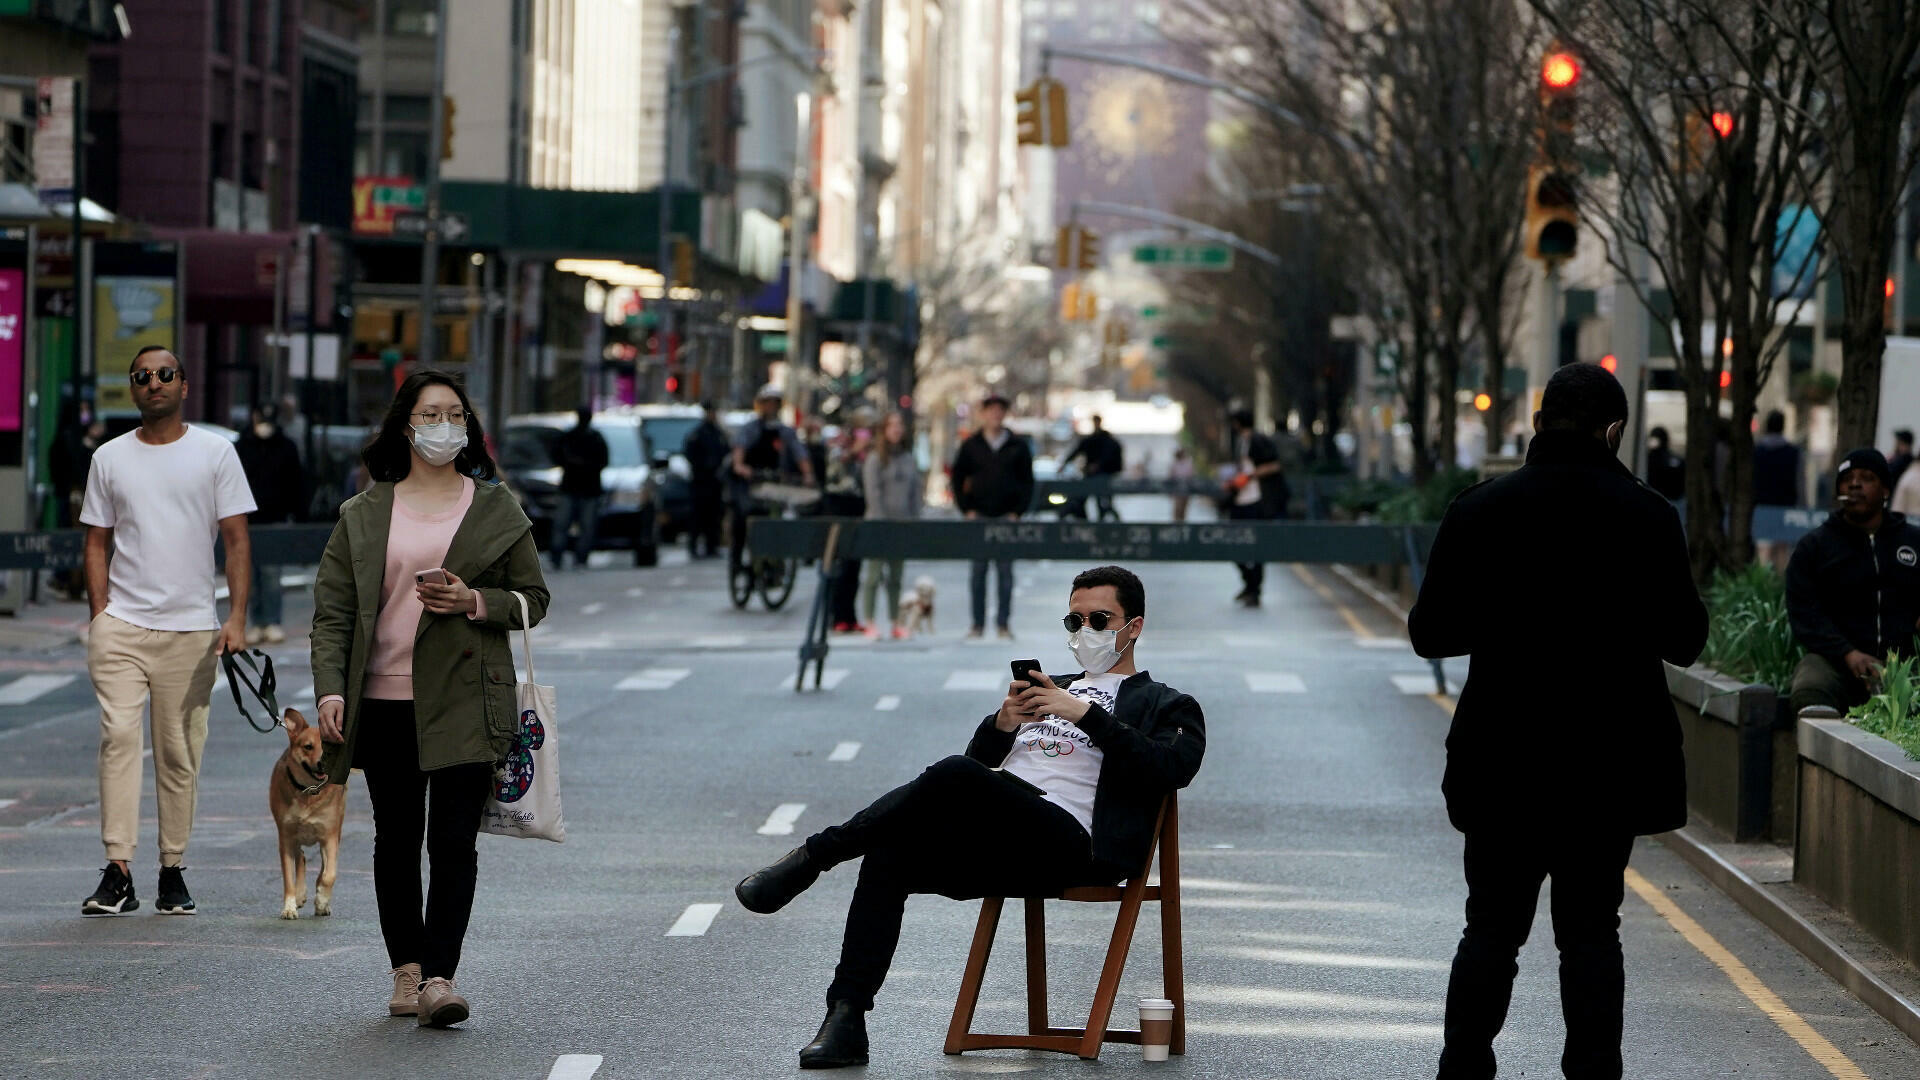 Un hombre se sienta en una silla mientras la gente camina en Park Avenue que estaba cerrada al tráfico de vehículos durante el brote de la enfermedad por coronavirus (COVID-19), en el distrito de Manhattan de la ciudad de Nueva York